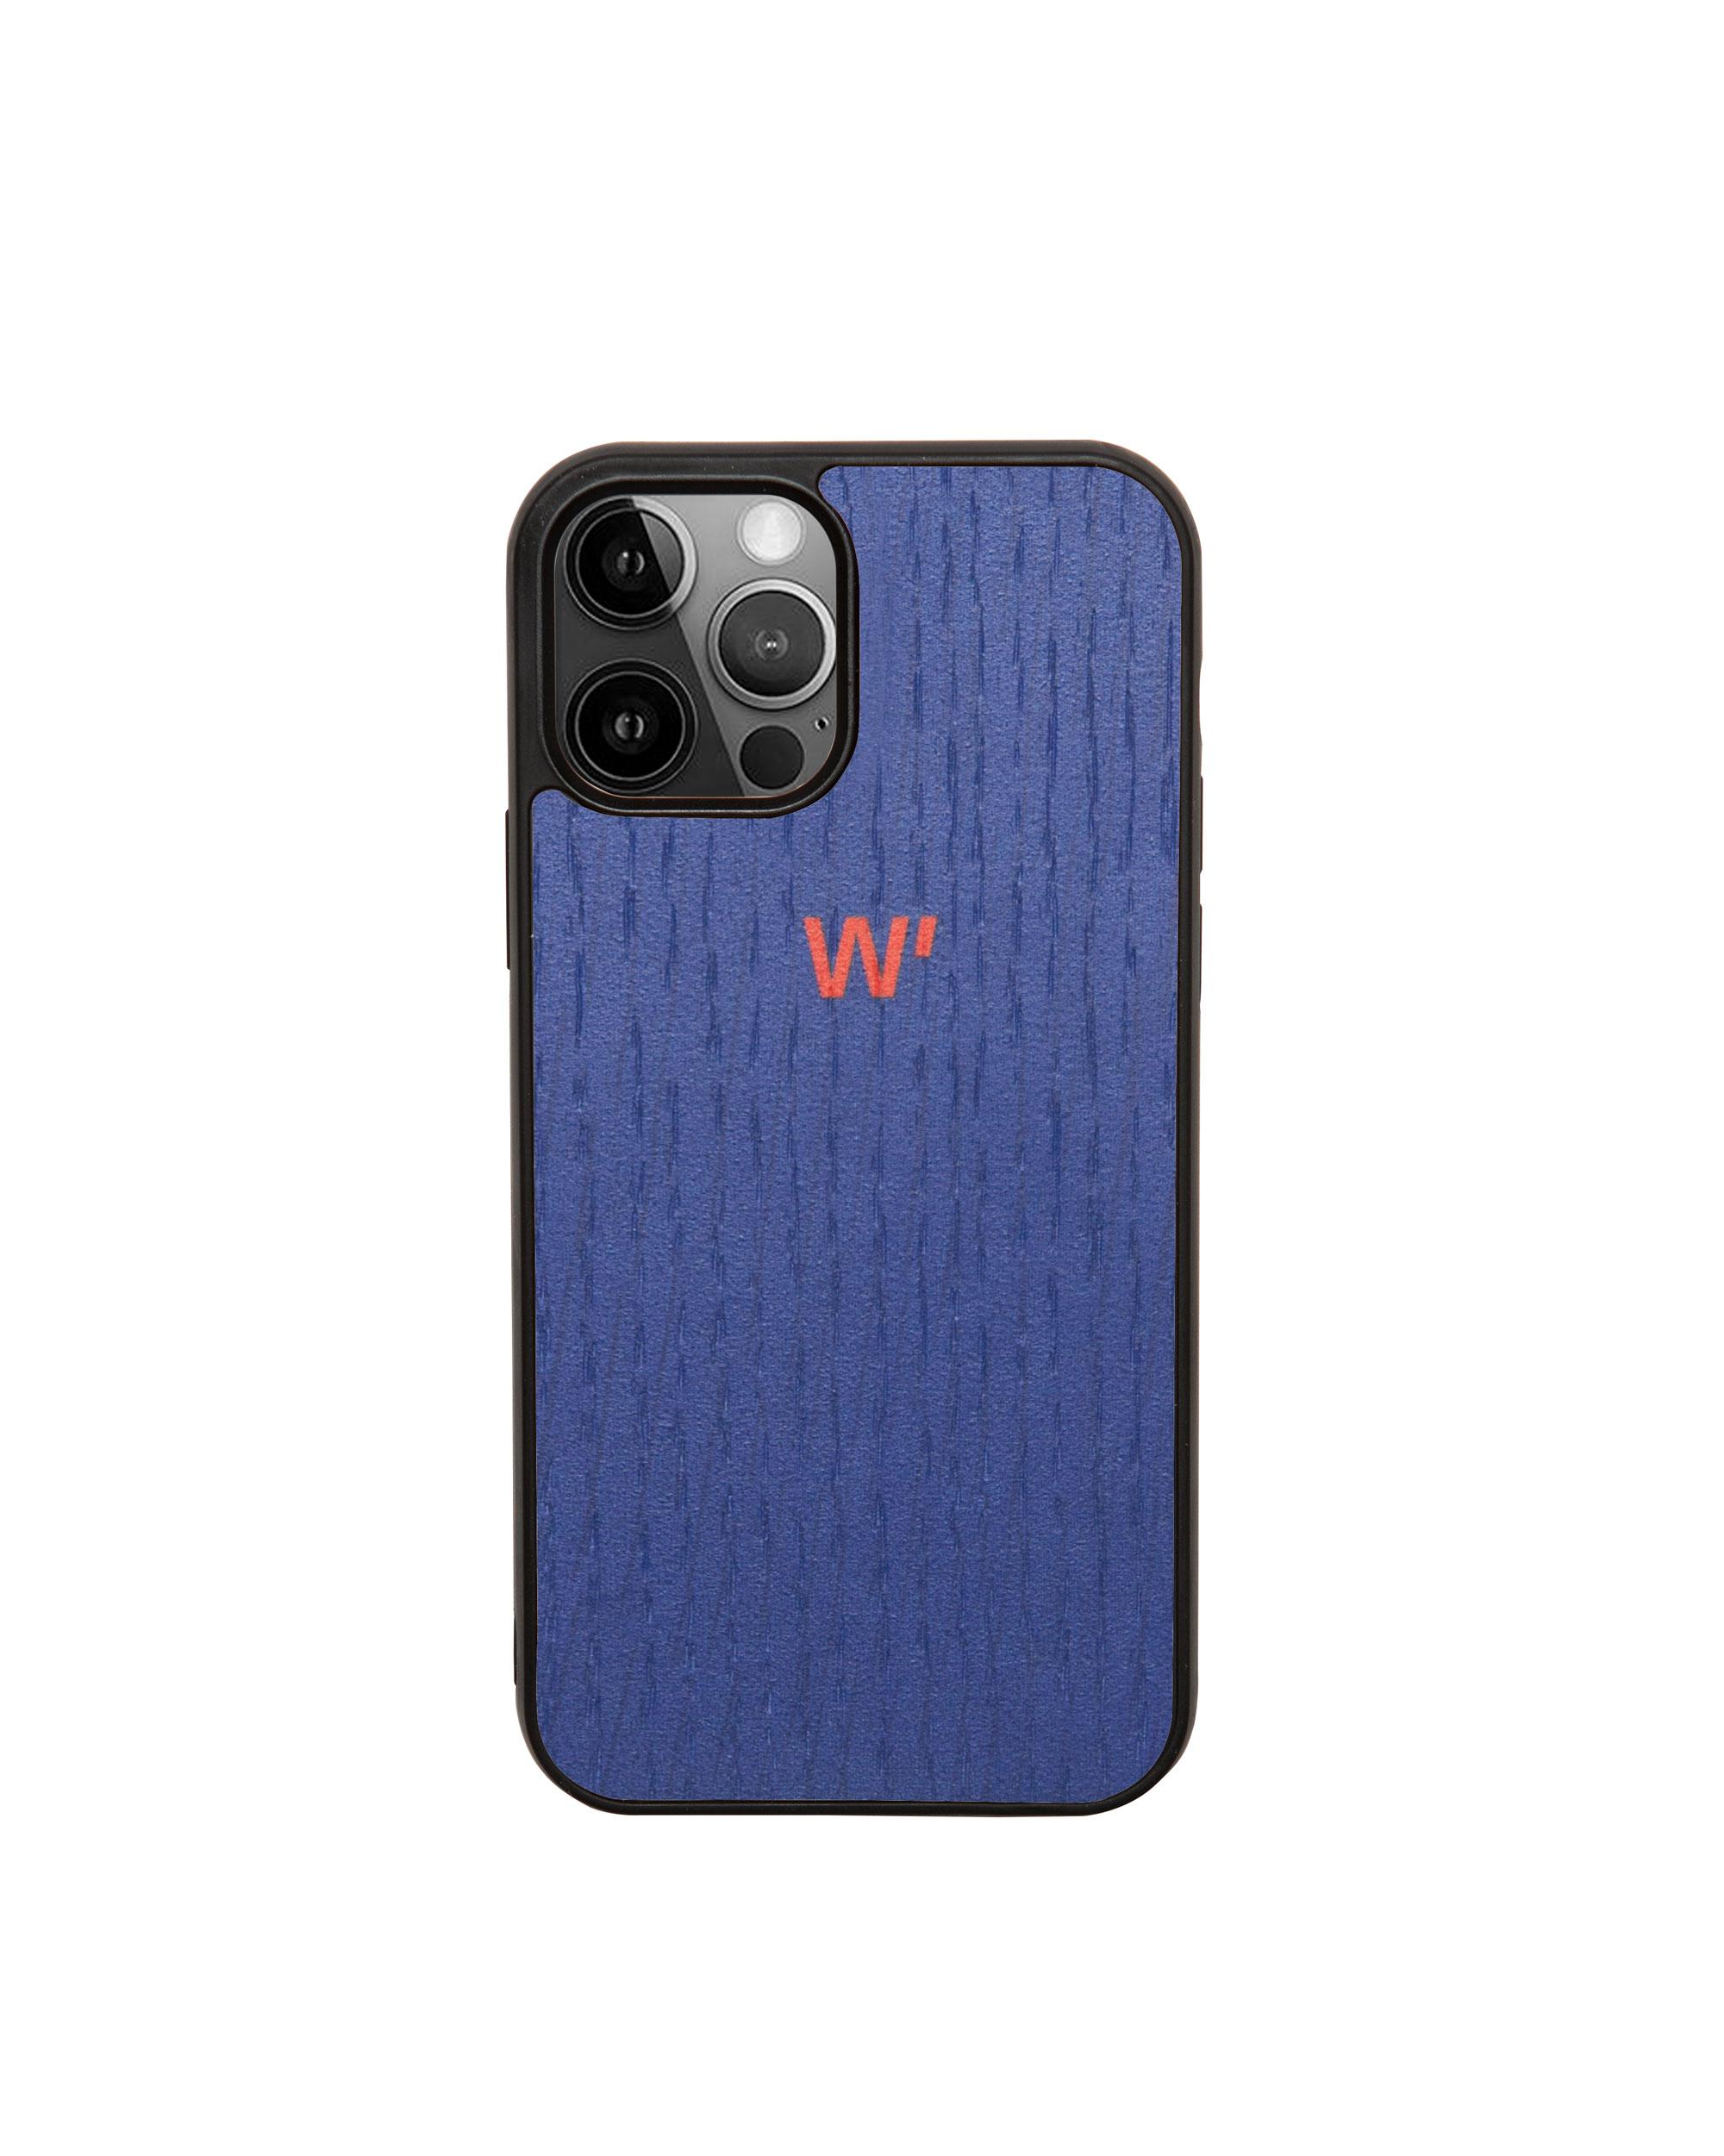 DEEP BLUE - Coque en bois pour iPhone 11 (photo)